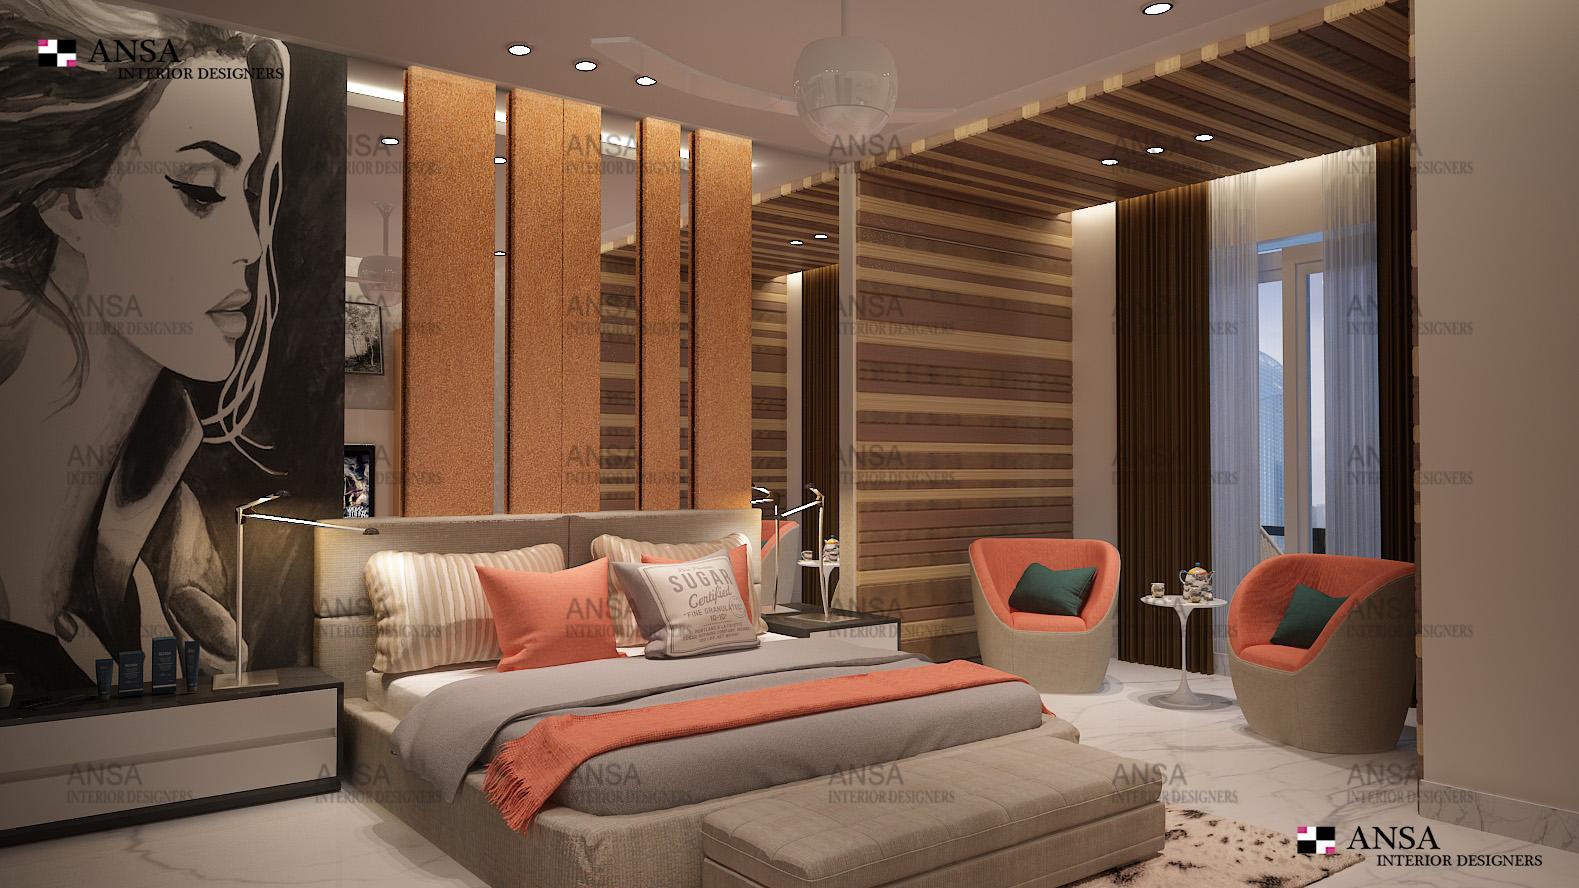 DAGHTERS BEDROOM Interior Design